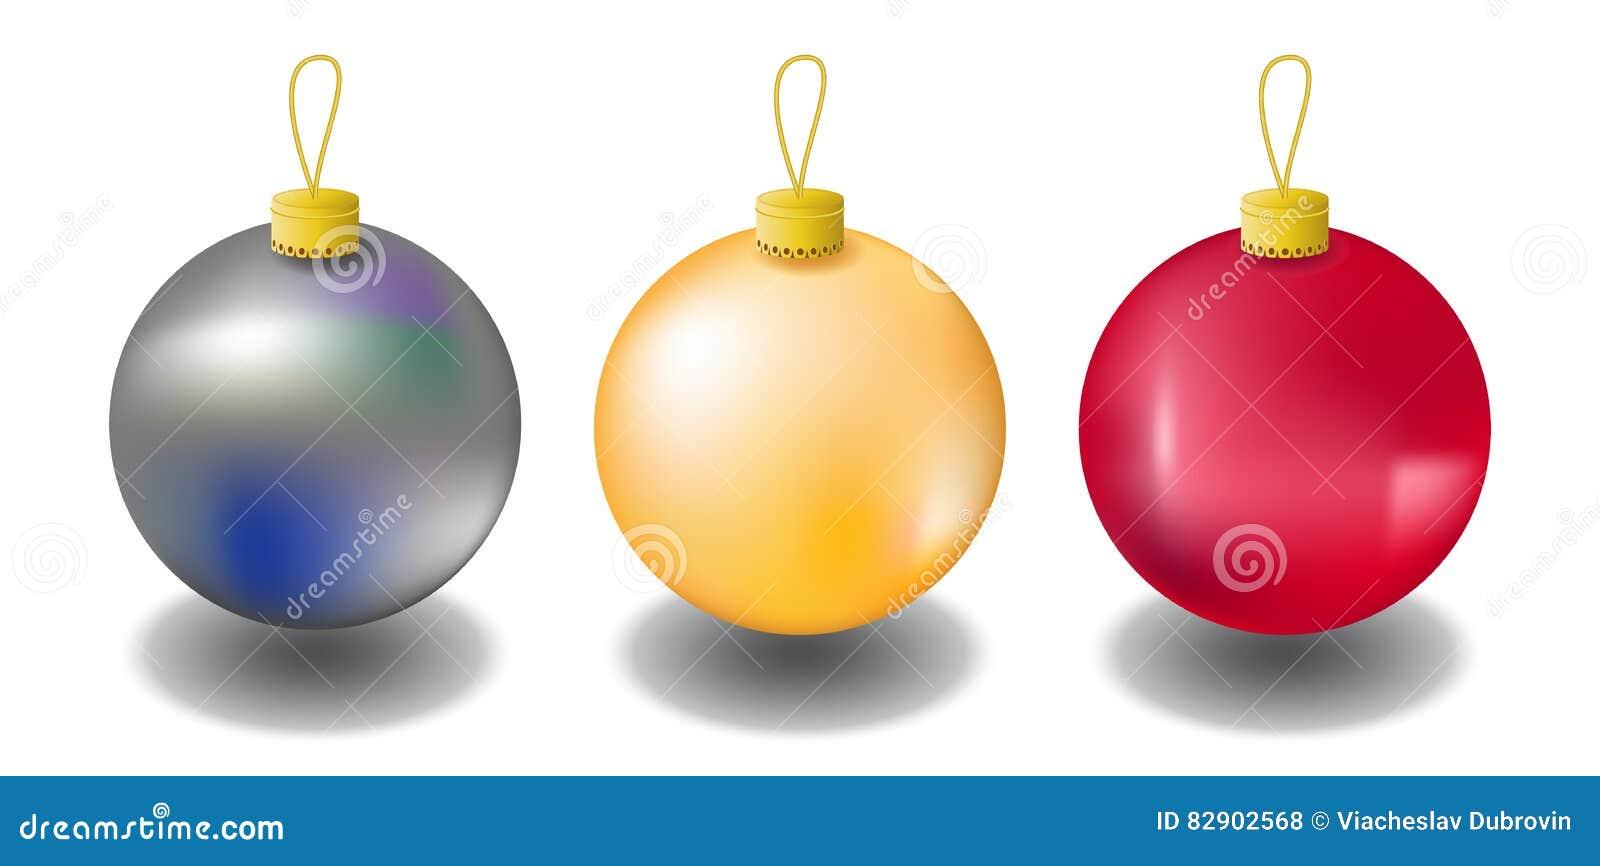 Christbaumkugeln Weiß Gold.Weihnachtstannenbaumverzierung Lokalisiert Auf Weiß Christbaumkugeln